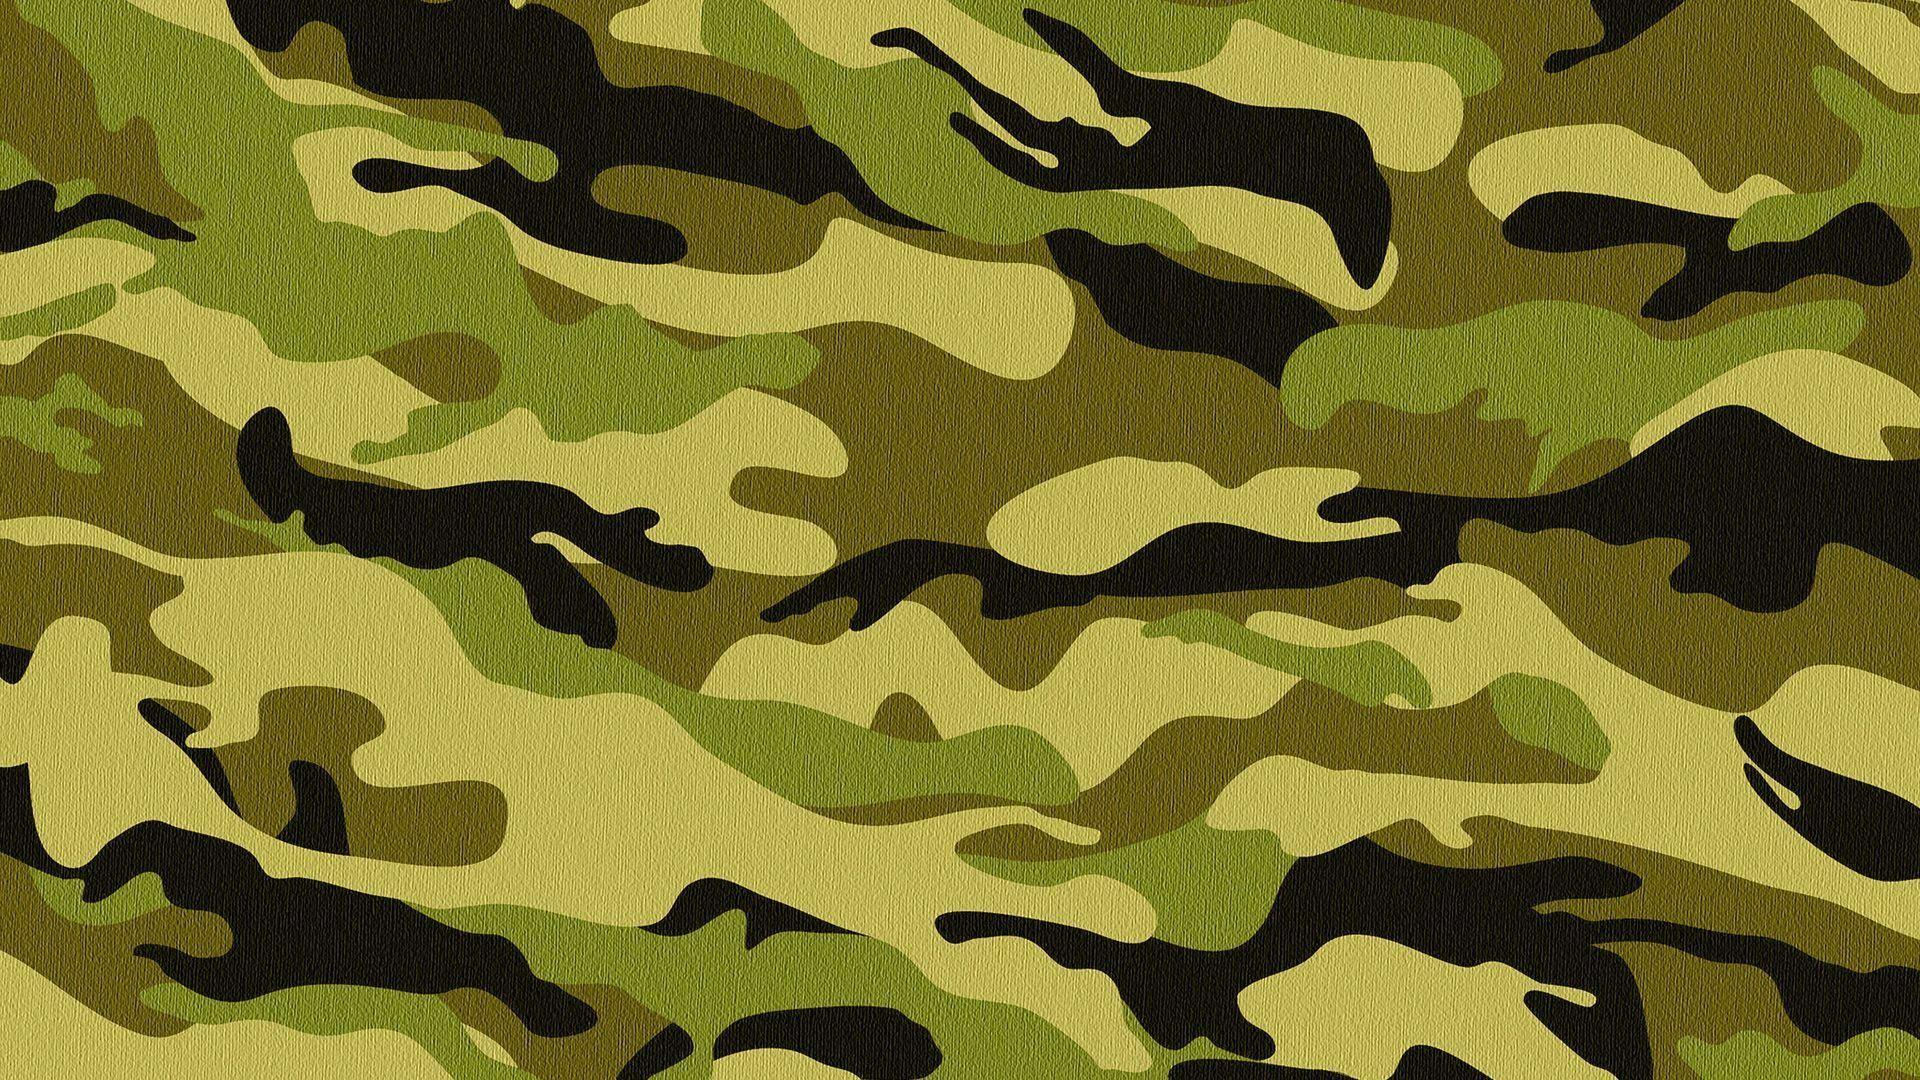 1920x1080 Ý tưởng Tốt nhất Về Quân đội Trên Pinterest Hình nền Bts Wp1002085